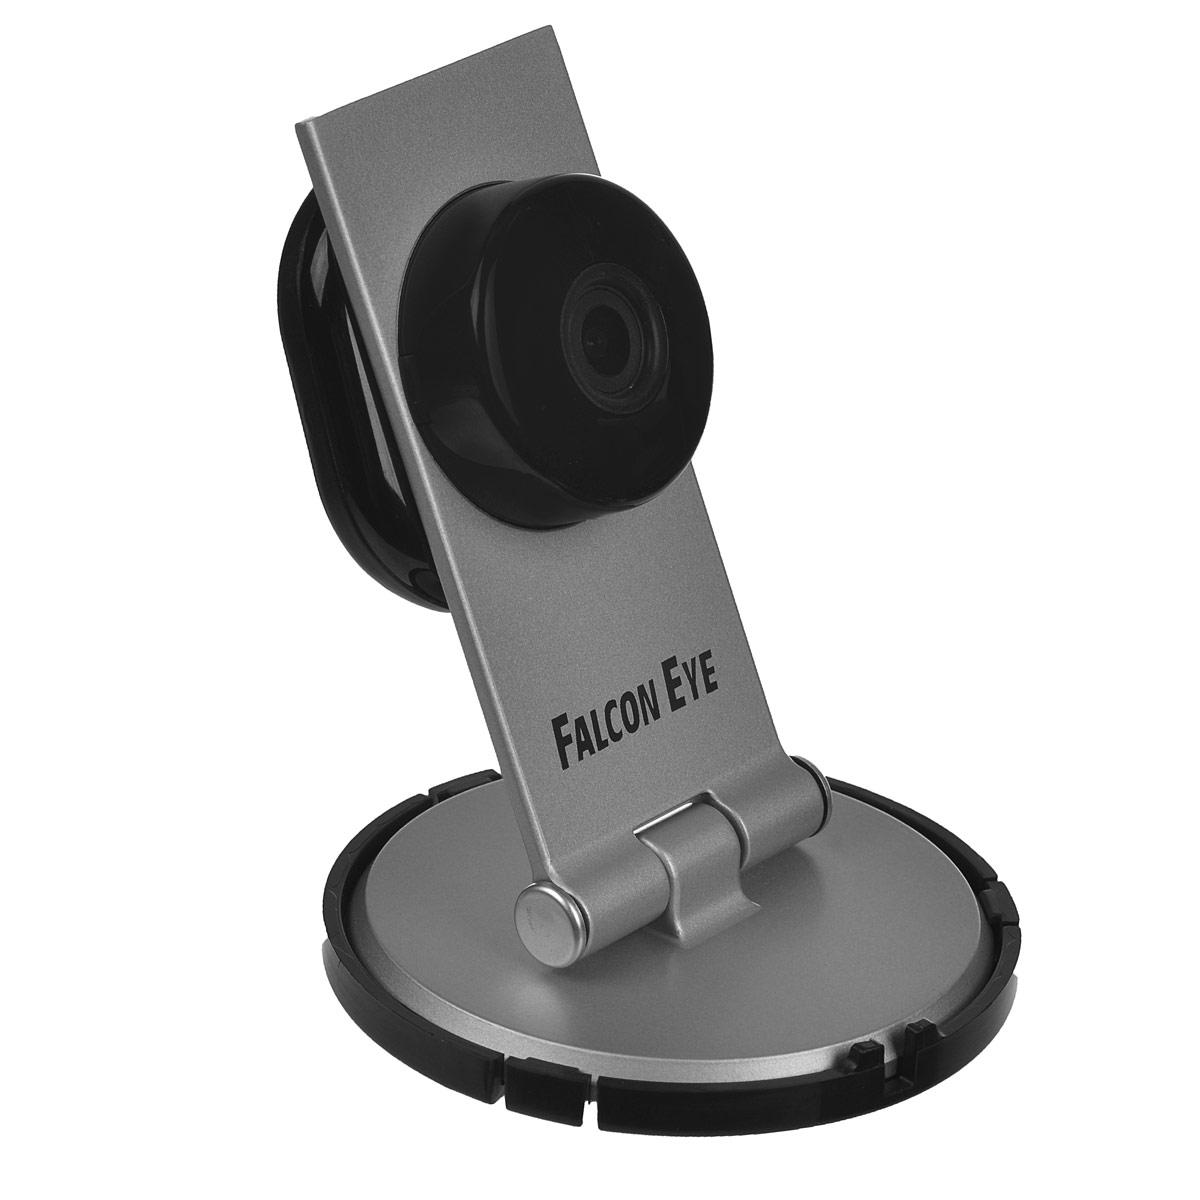 Falcon Eye FE-ITR1300 беcпроводная IP-камераFE-ITR1300P2P видеокамера FE-ITR1300. Для данной камеры не нужен статический IP адрес и сложная настройка. С P2P технологией, пользователи могут теперь без труда ввести идентификационный номер (ID) устройства и пароль для доступа к IP-камере без каких-либо дополнительных настроек. Фактически, то, что раньше мешало широкому распространению ip камер - это непонятная настройка для обычного пользователя, теперь в прошлом. Достаточно настроить wi-fi в самой камере, для подключения ее к беспроводной сети, но, благодаря понятным инструкциям, это не проблема. Благодаря невысокой цене и простым настройкам, пользоваться данными камерами могут обычные люди, без специальных технических знаний. Так же данные P2P ip камеры поддерживают архивирование данных на карте Micro SD. Вы очень просто можете не только посмотреть изображение online, но и получить доступ к архиву, посмотреть или скачать файл с видео к себе на компьютер. Наличие встроенных динамика и микрофона для двухсторонней аудиосвязи, детектор движения, инфракрасная подсветка для ночной съемки и другие функции делают эту P2P ip камеру полноценной видеосистемой в одном устройстве.Разрешение: 1280 x 720Тип объектива: 6 стеклянных линзWi-Fi стандарты: b/g/nШифрование: WEP, WPA, WPA2Поддержка операционных систем: Microsoft Windows XP, WIN7, Mac OS, iOS, AndroidПоддержка браузеров: Microsoft IE8 версии и выше; Mozilla Firefox; Google Chrome;Apple Safari